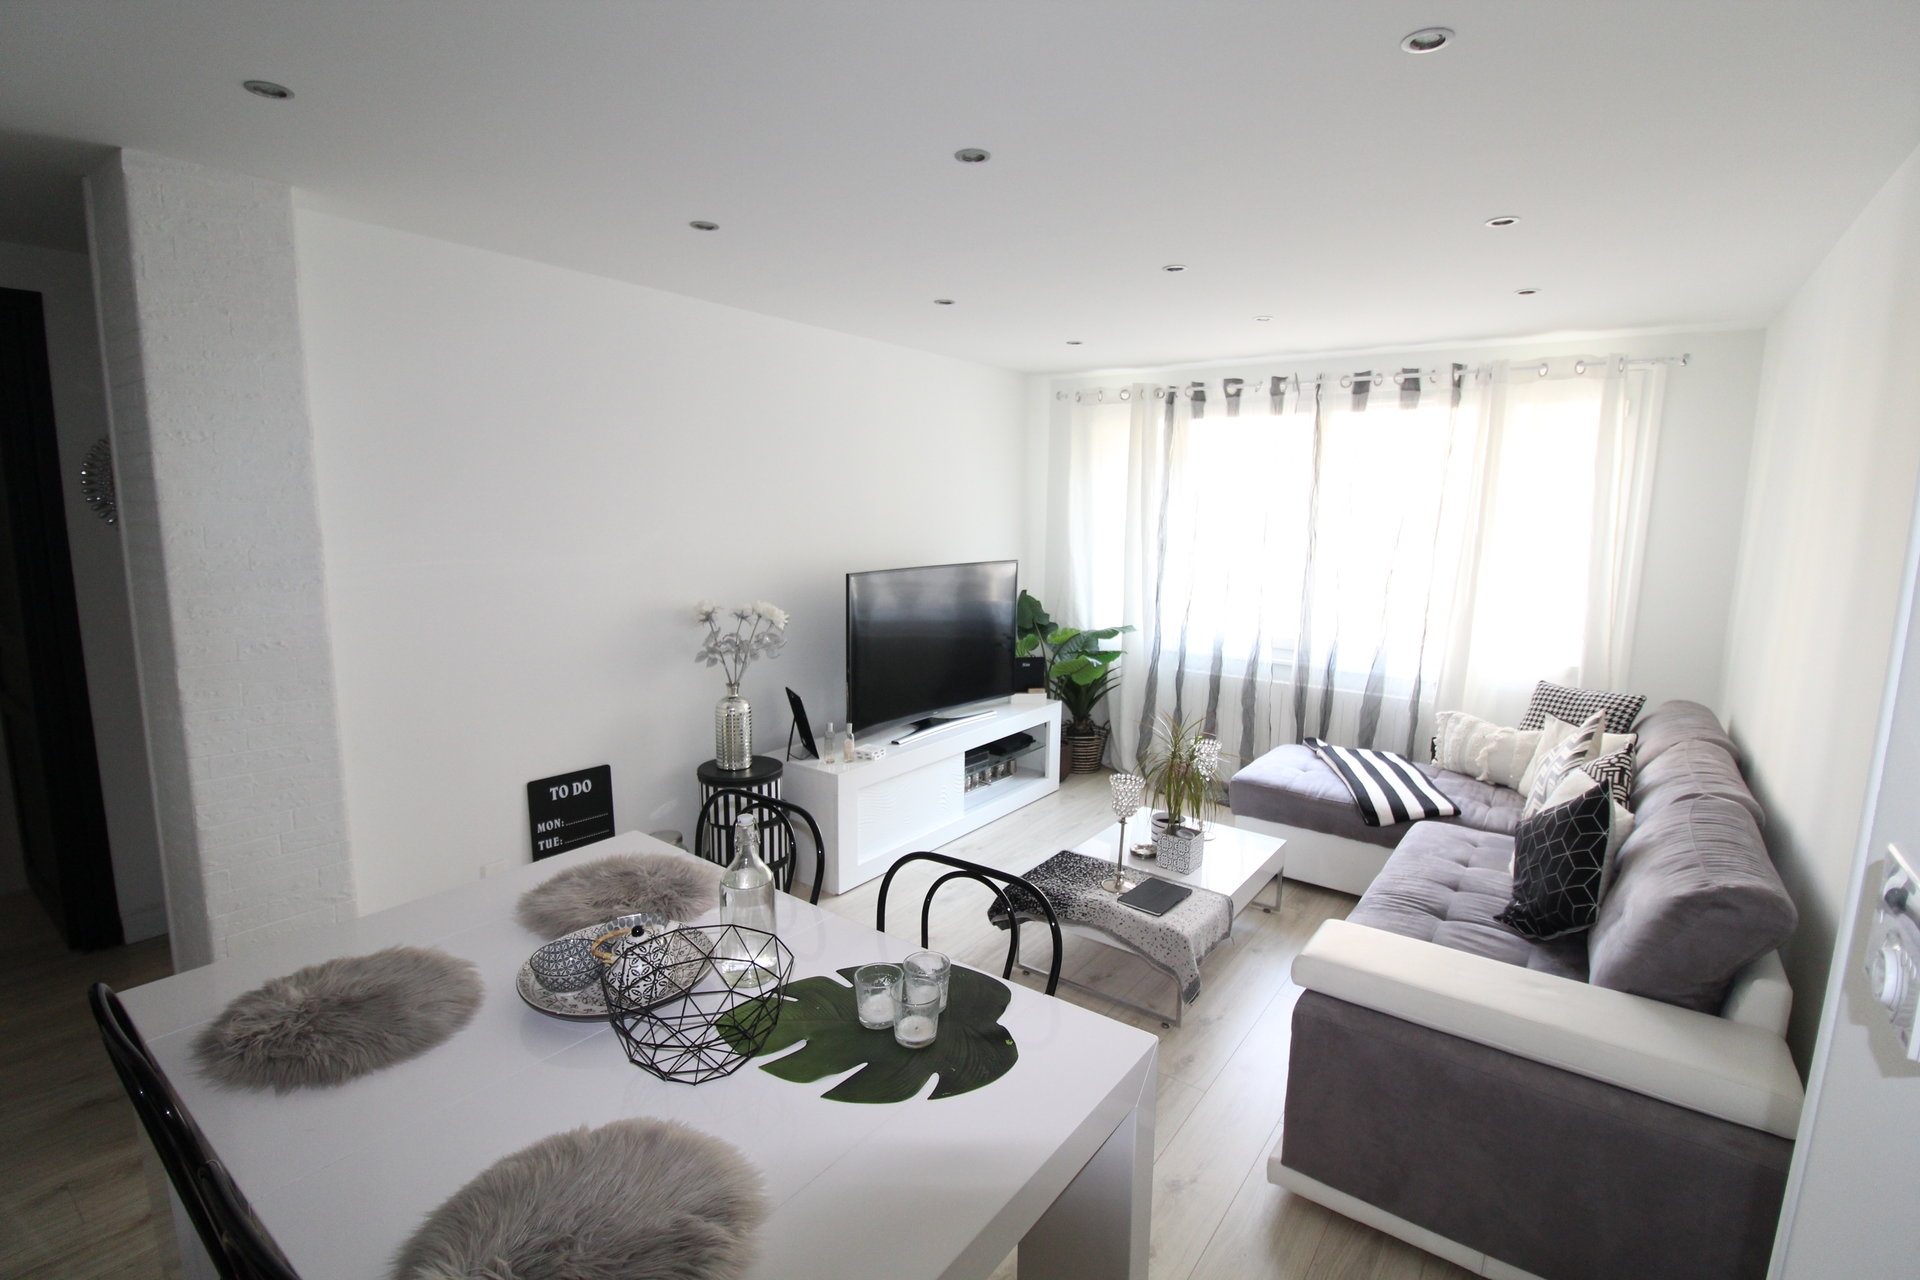 Appartement Saint-etienne Bergson T4 64m2